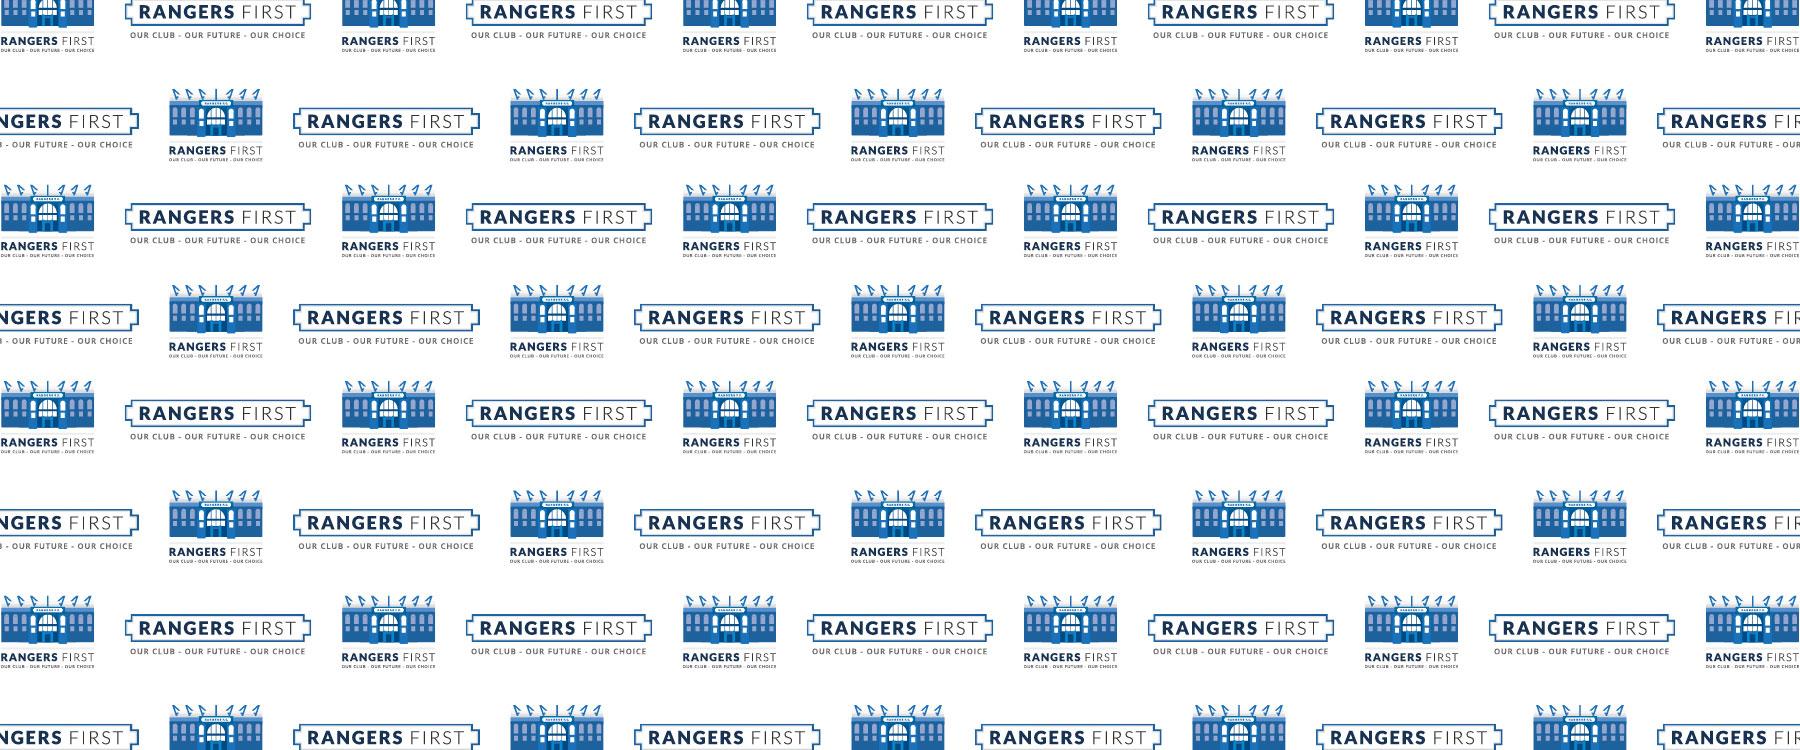 Rangers-First-1800x750-Logo-Banner